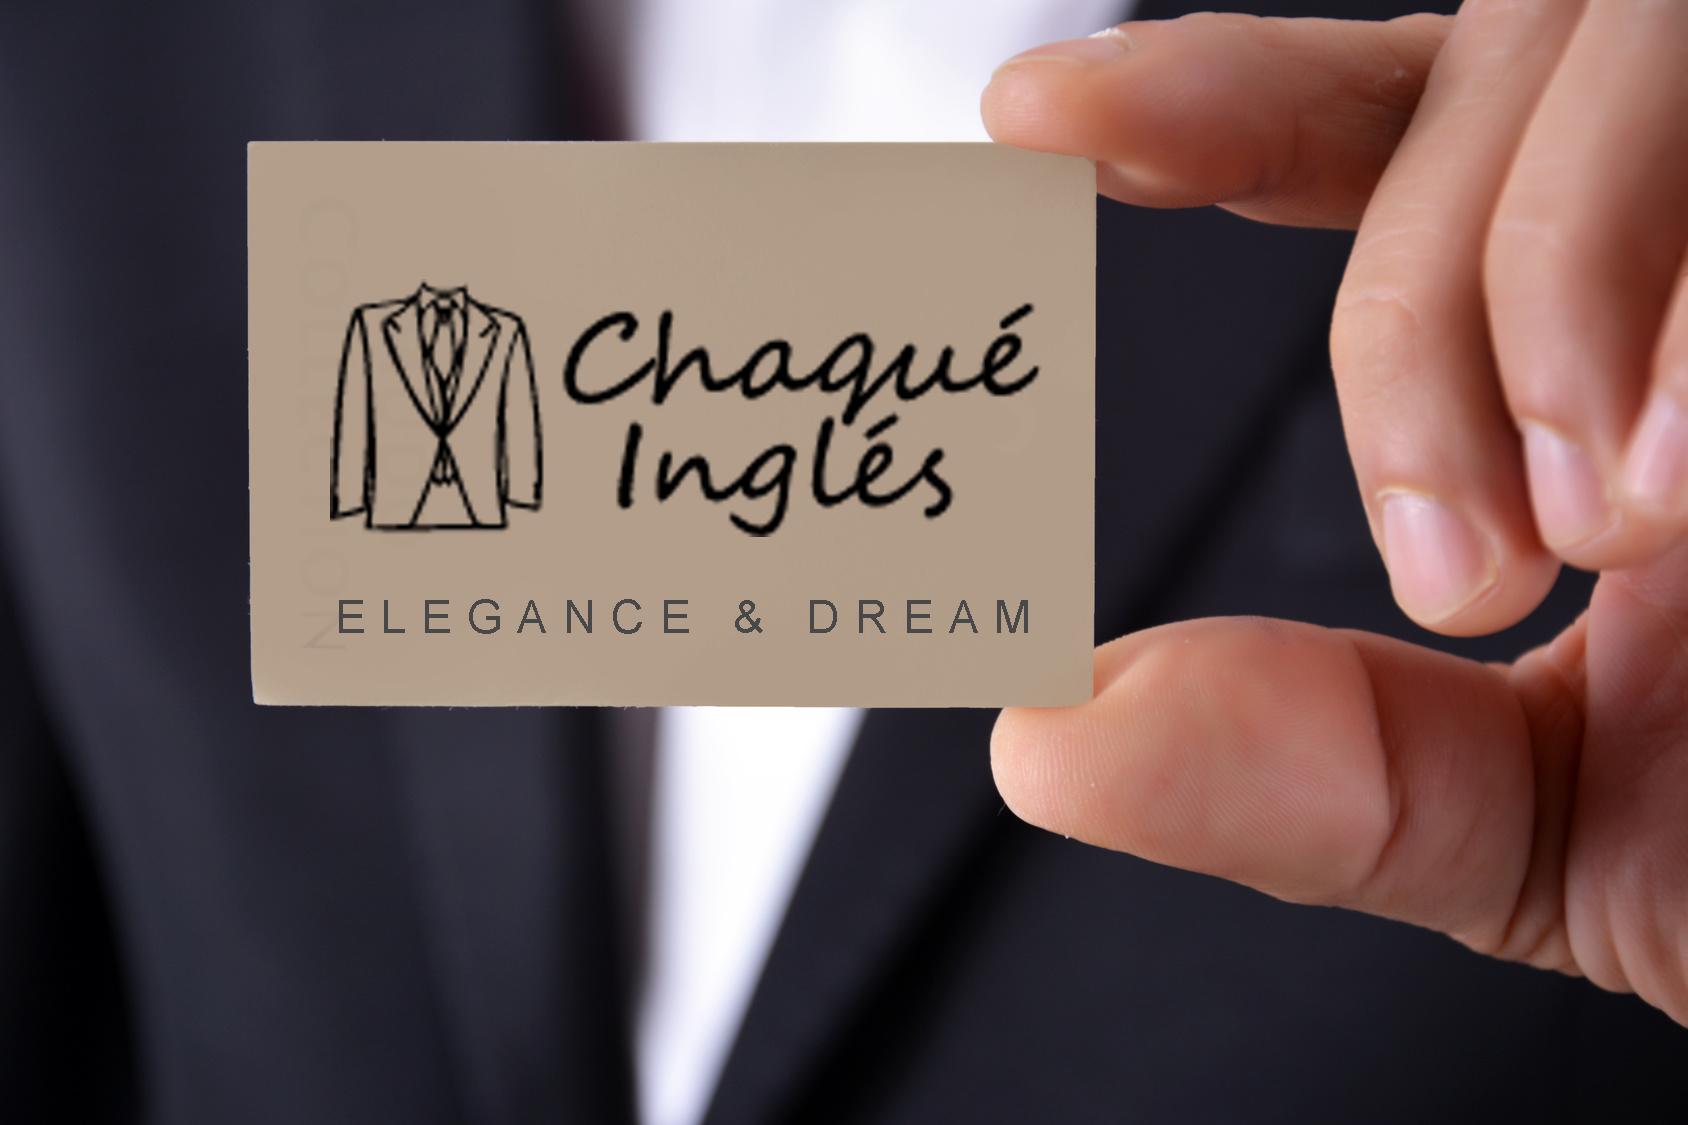 Chaqué Inglés, alquiler de trajes y chaqués